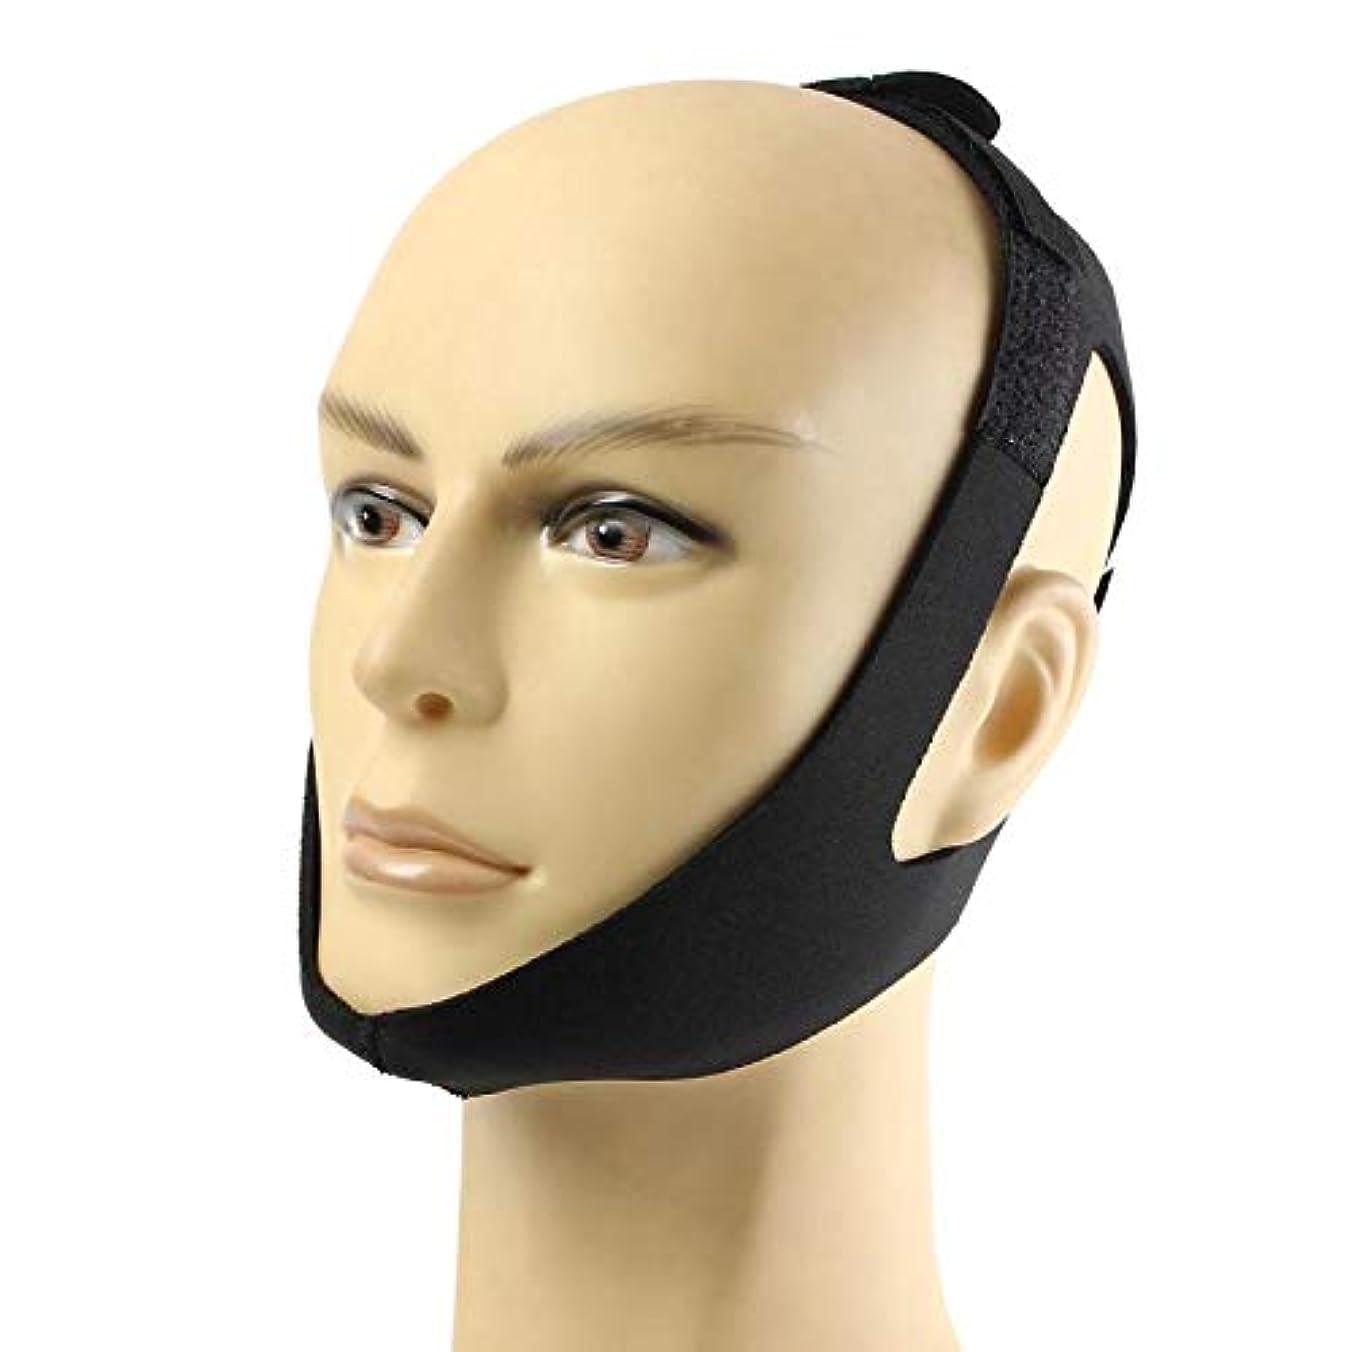 理論的権威NOTE 1ピースアンチいびきベルト停止いびきあごストラップ抗無呼吸ソリューション顎サポート睡眠マスクヘッドバンド用女性男性ヘルスケア黒